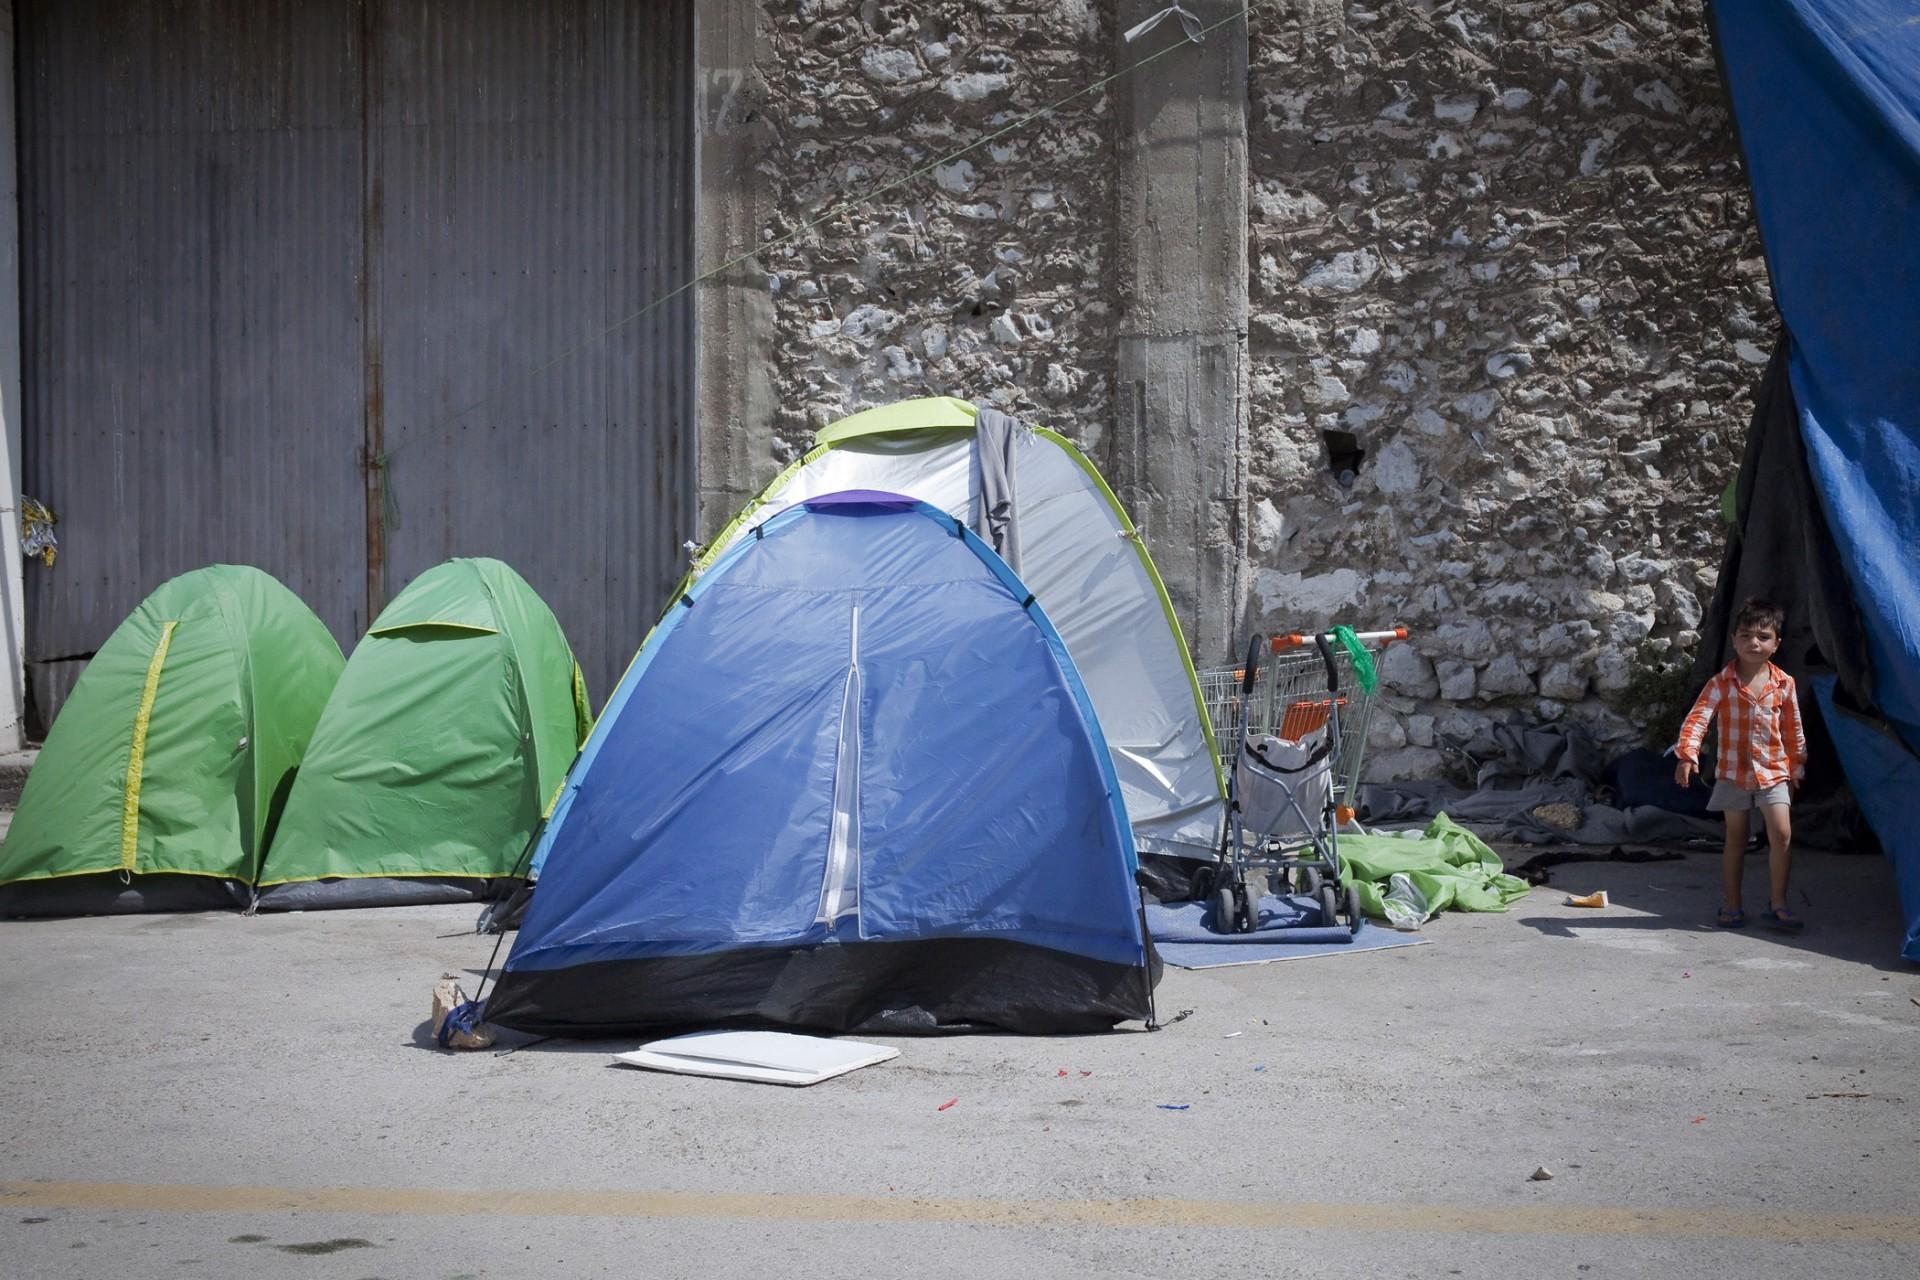 Le camp du Pirée abrite de nombreuses familles dont le périple s'est interrompu à la fermeture des frontières européennes.